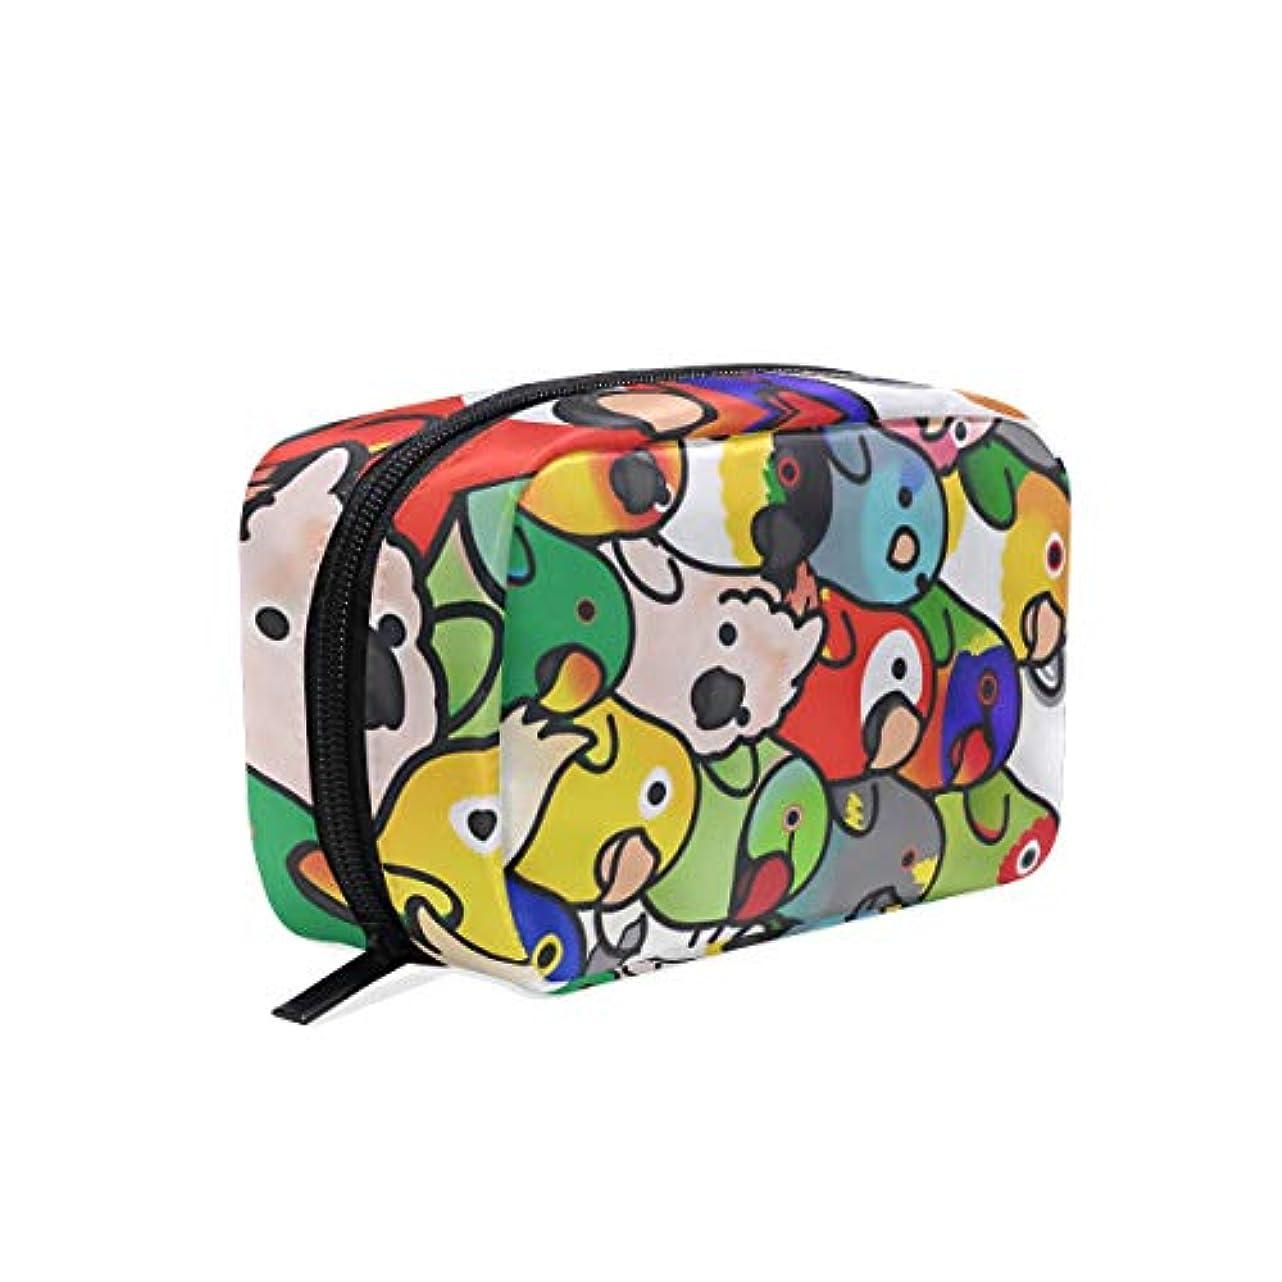 役割引き出しスチュワーデス鳥 鸚鵡 こんごういんこ 化粧品袋 ジッパーと繊細な印刷パターン付き 列車 旅行 荷物梱包用 女の子へのプレゼント Parrots Lovebird Macaw